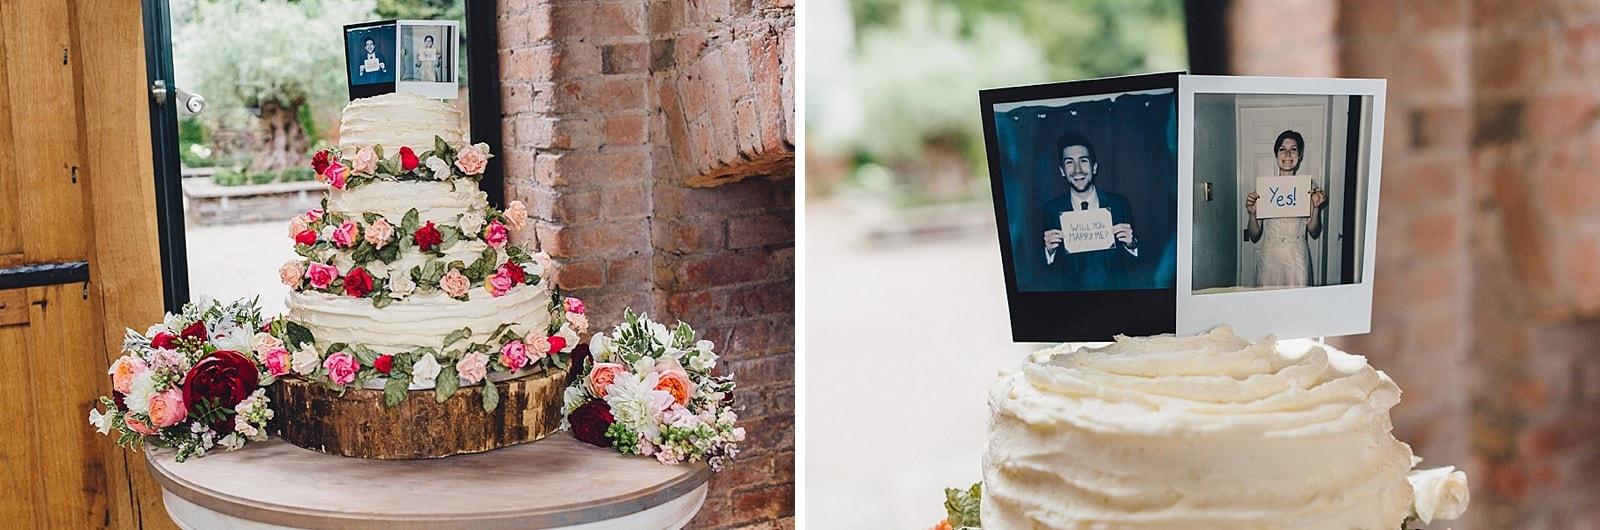 shustoke-barn-wedding-photography_0002